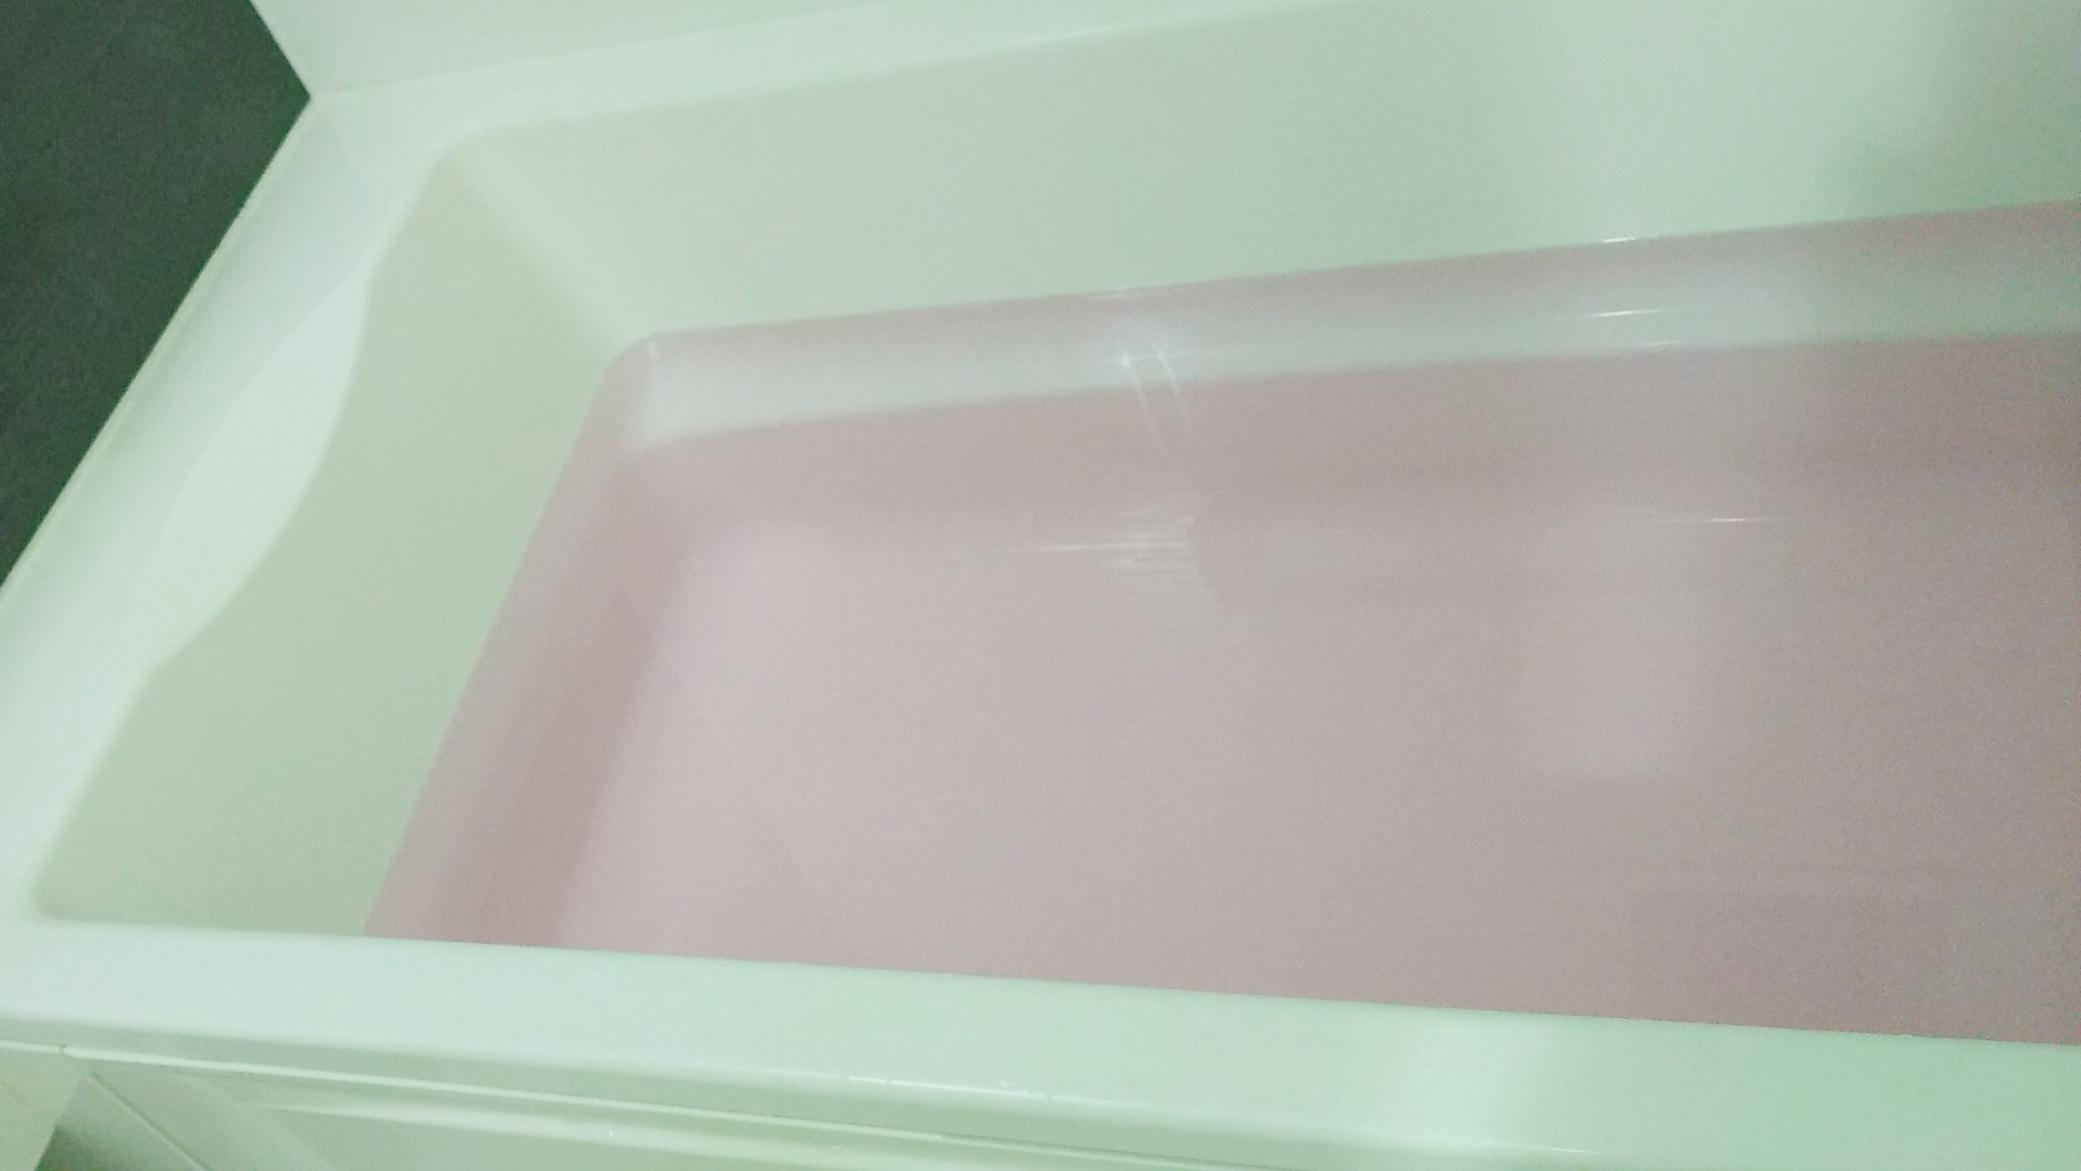 風呂 オキシ 釜 クリーン